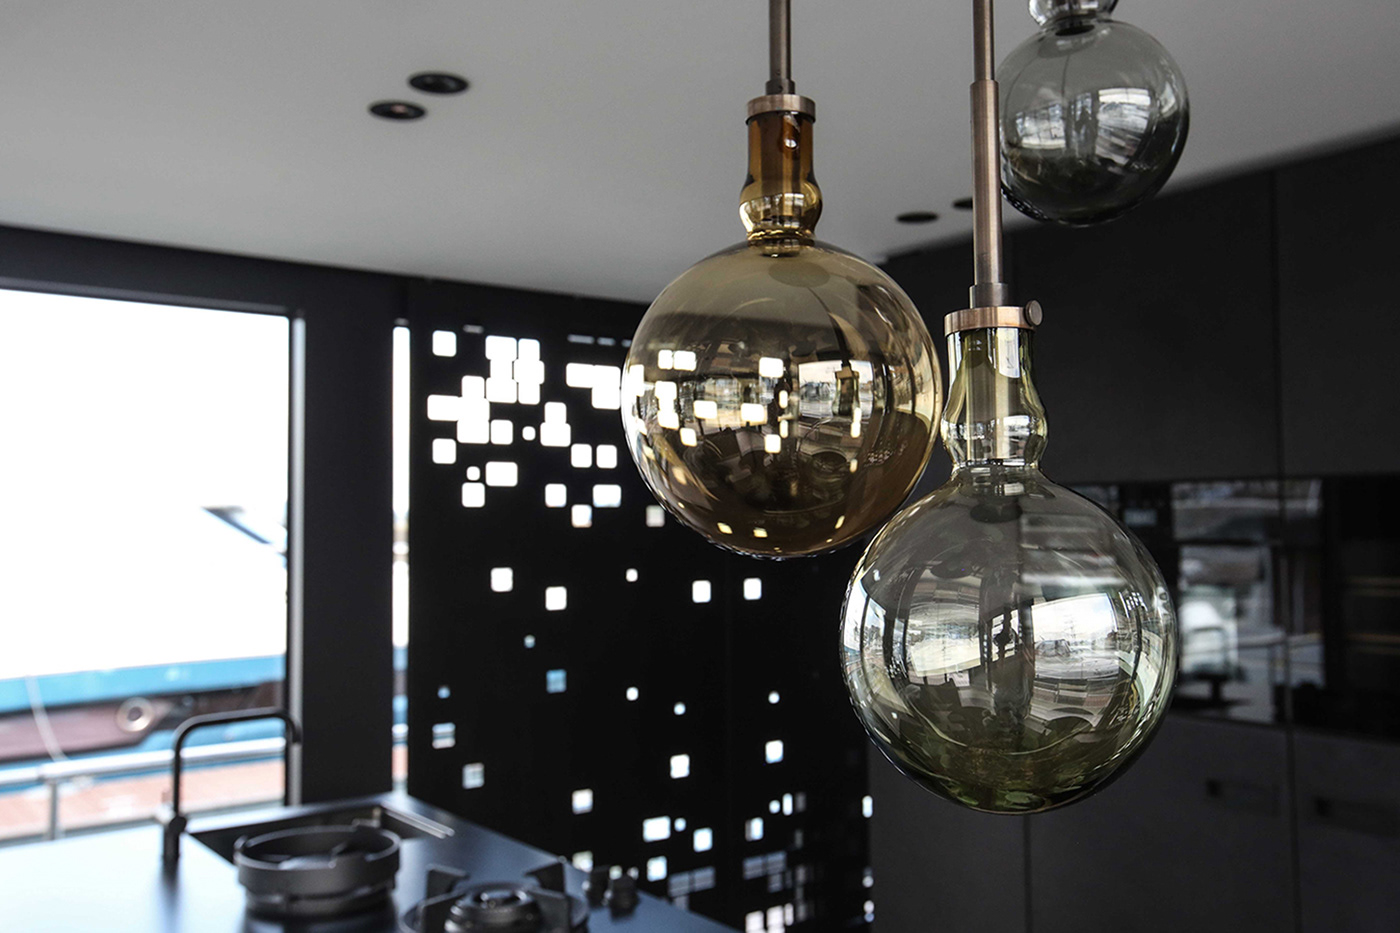 Hängeleuchte Kücheneinrichtung Hausboot Onyx Projekt by Nobla Raumkonzepte und Gestaltung